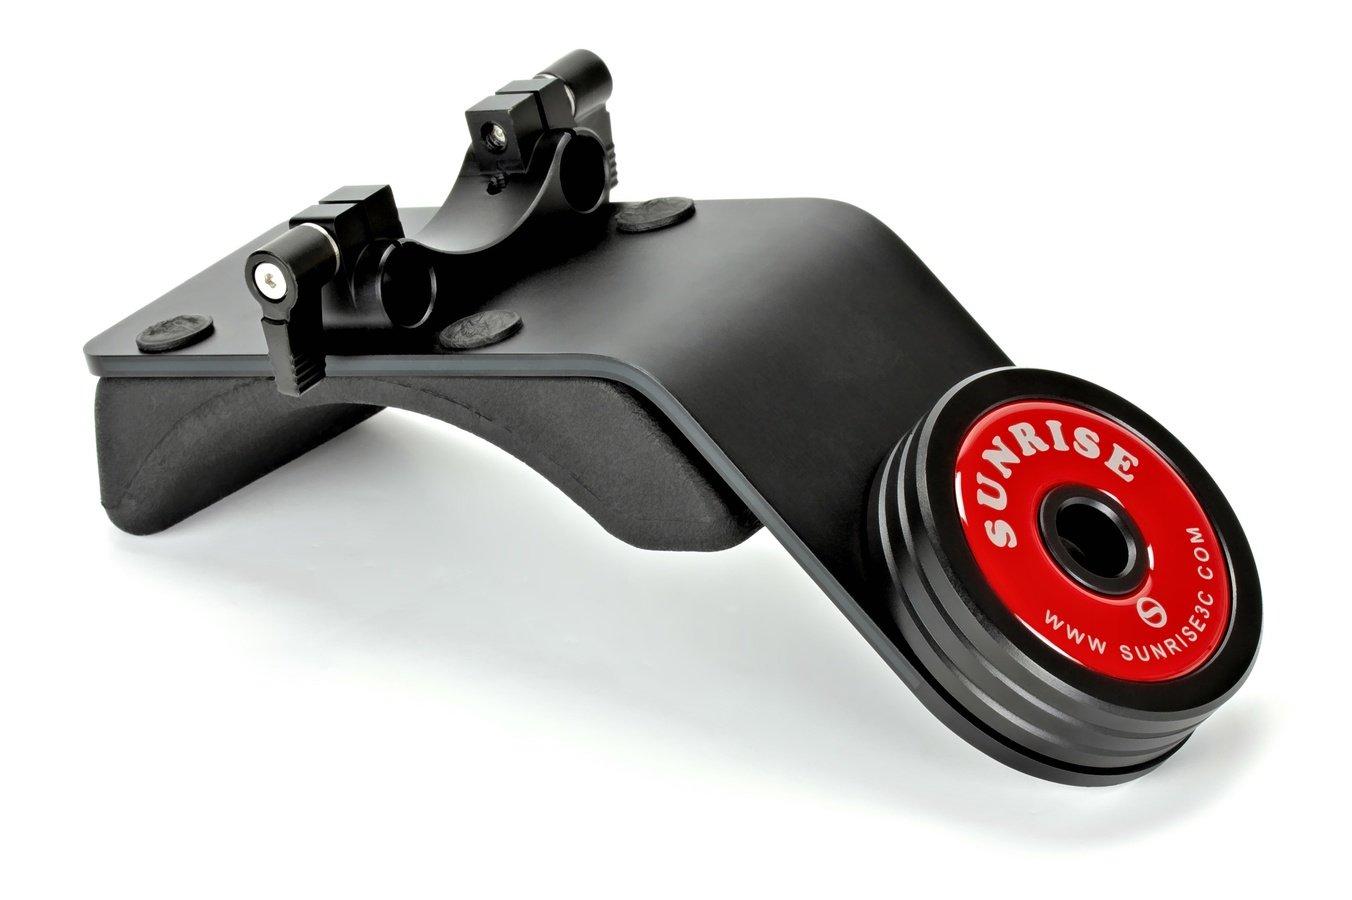 Sunrise DSM-802S Schulterpolster mit Gegengewicht für 15mm Rigs.